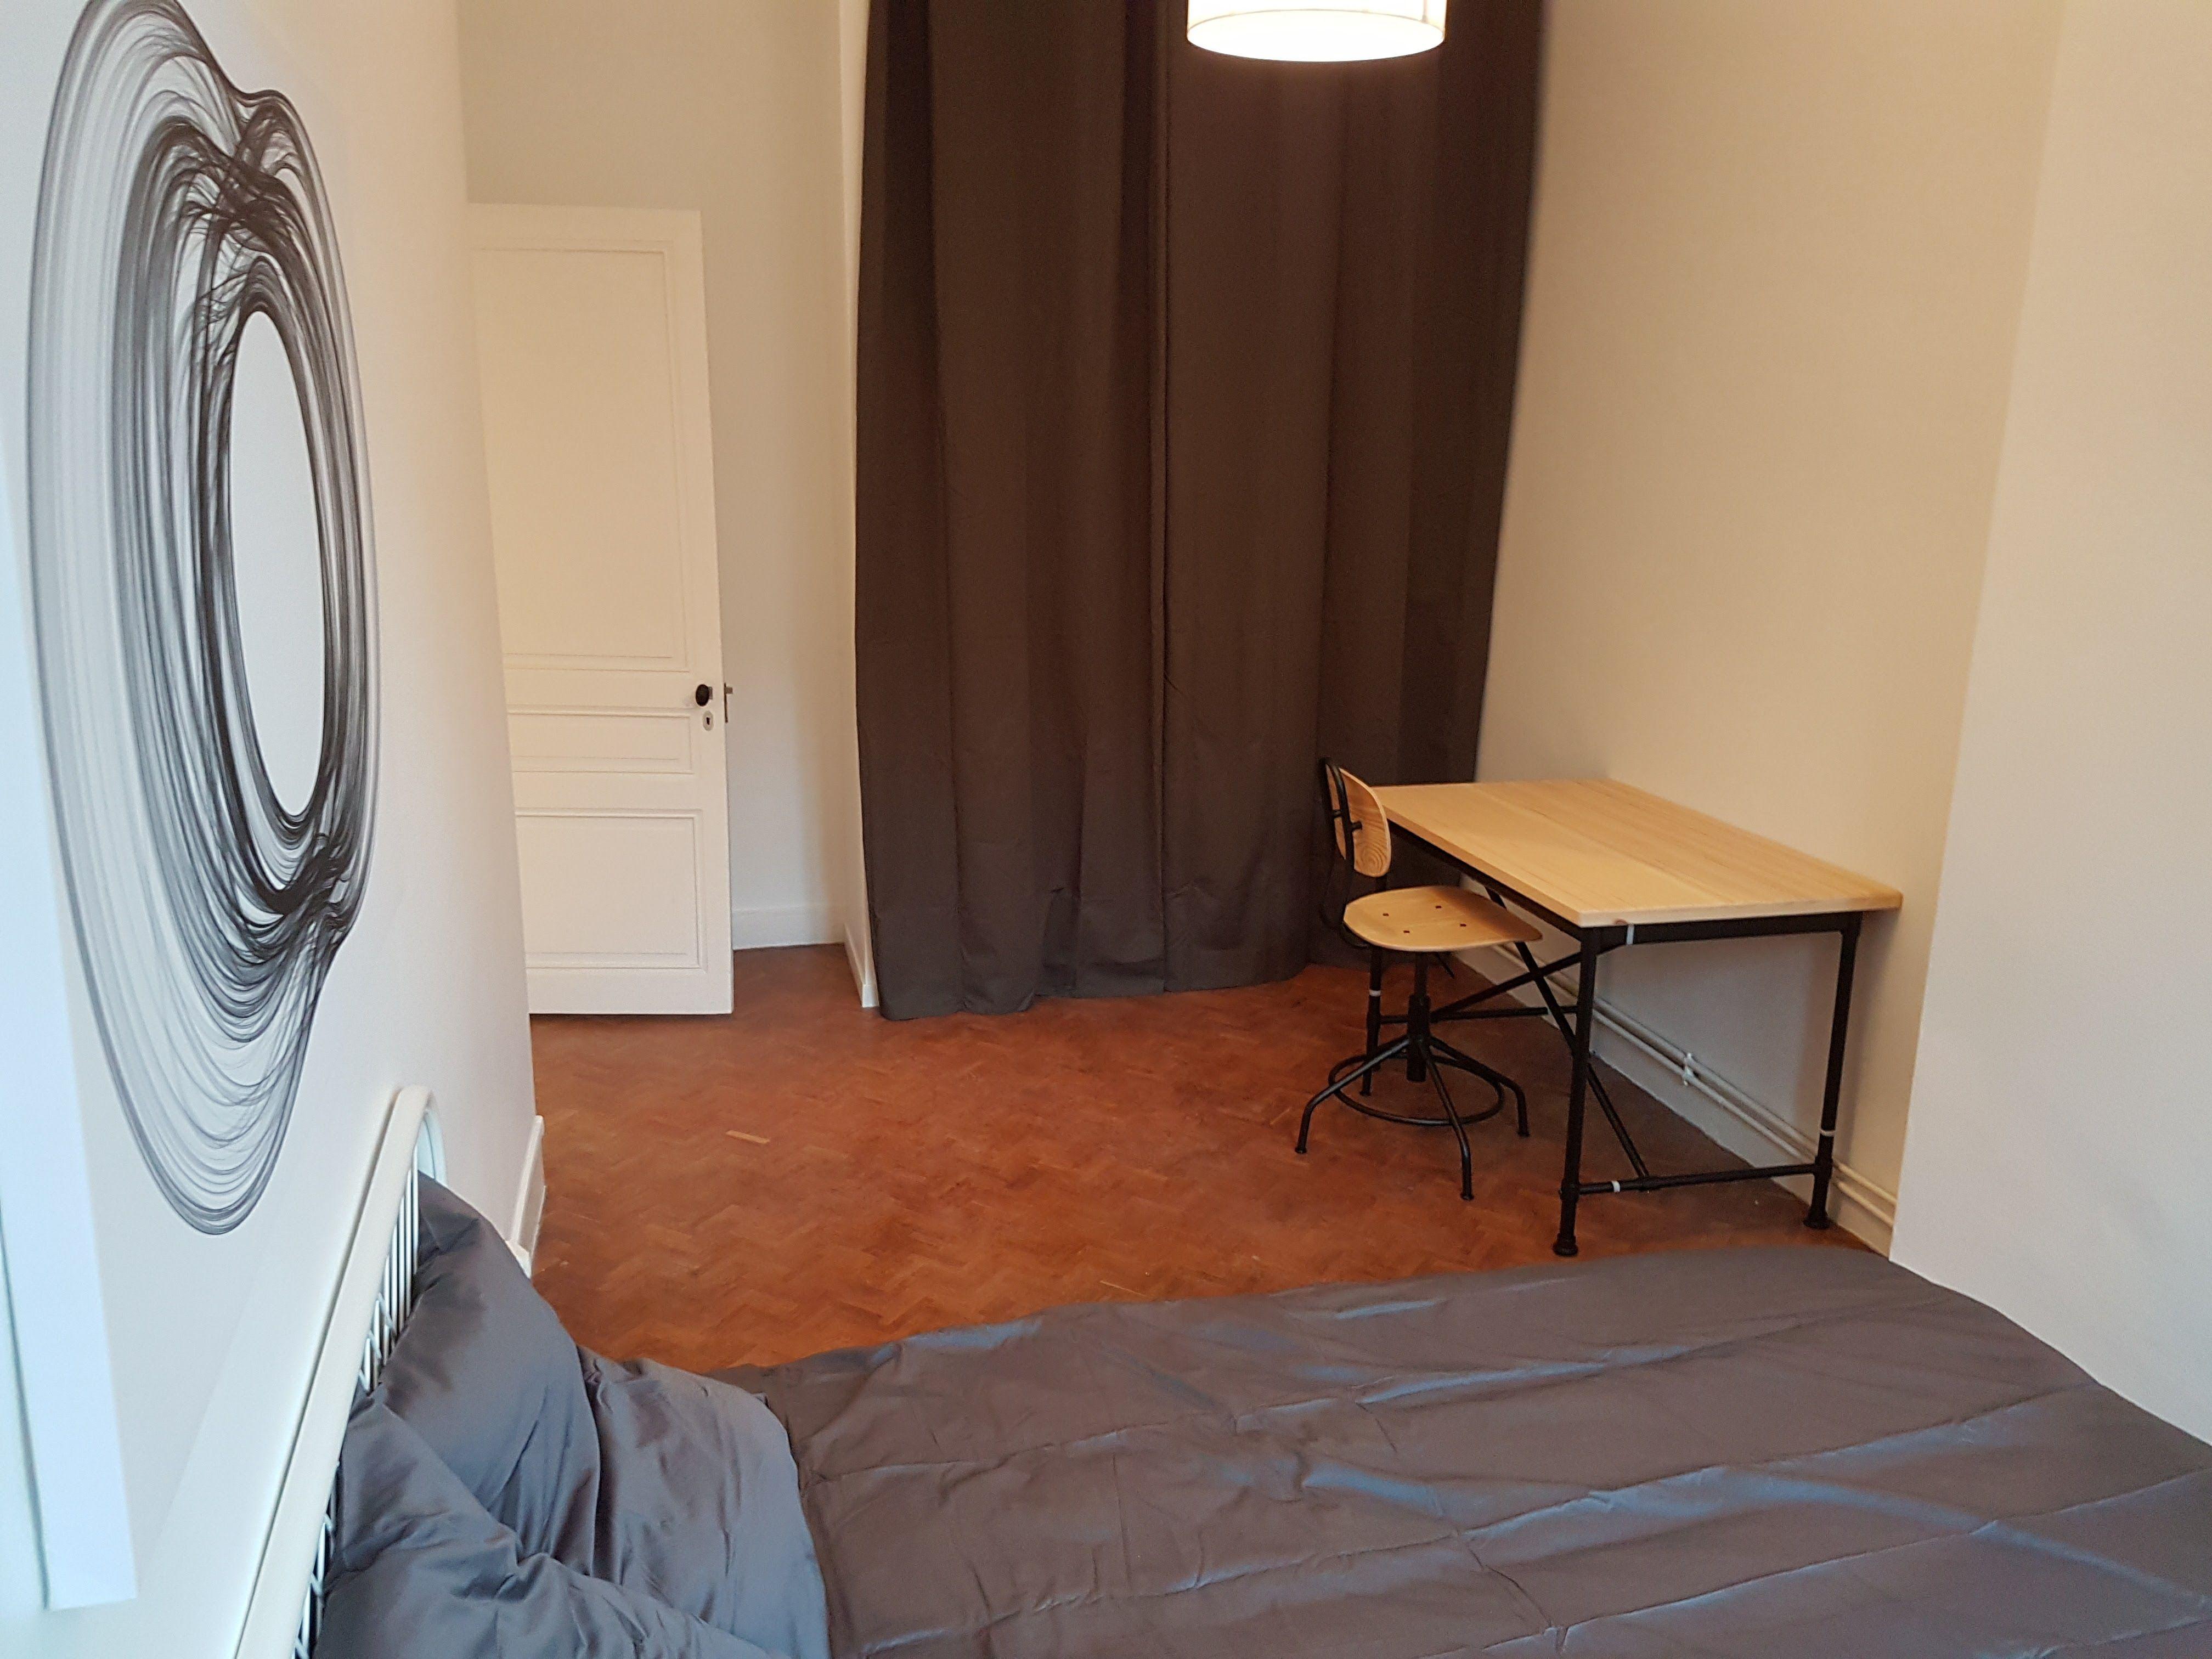 Chambre-à-louer-Saint-Etienne-sanfay